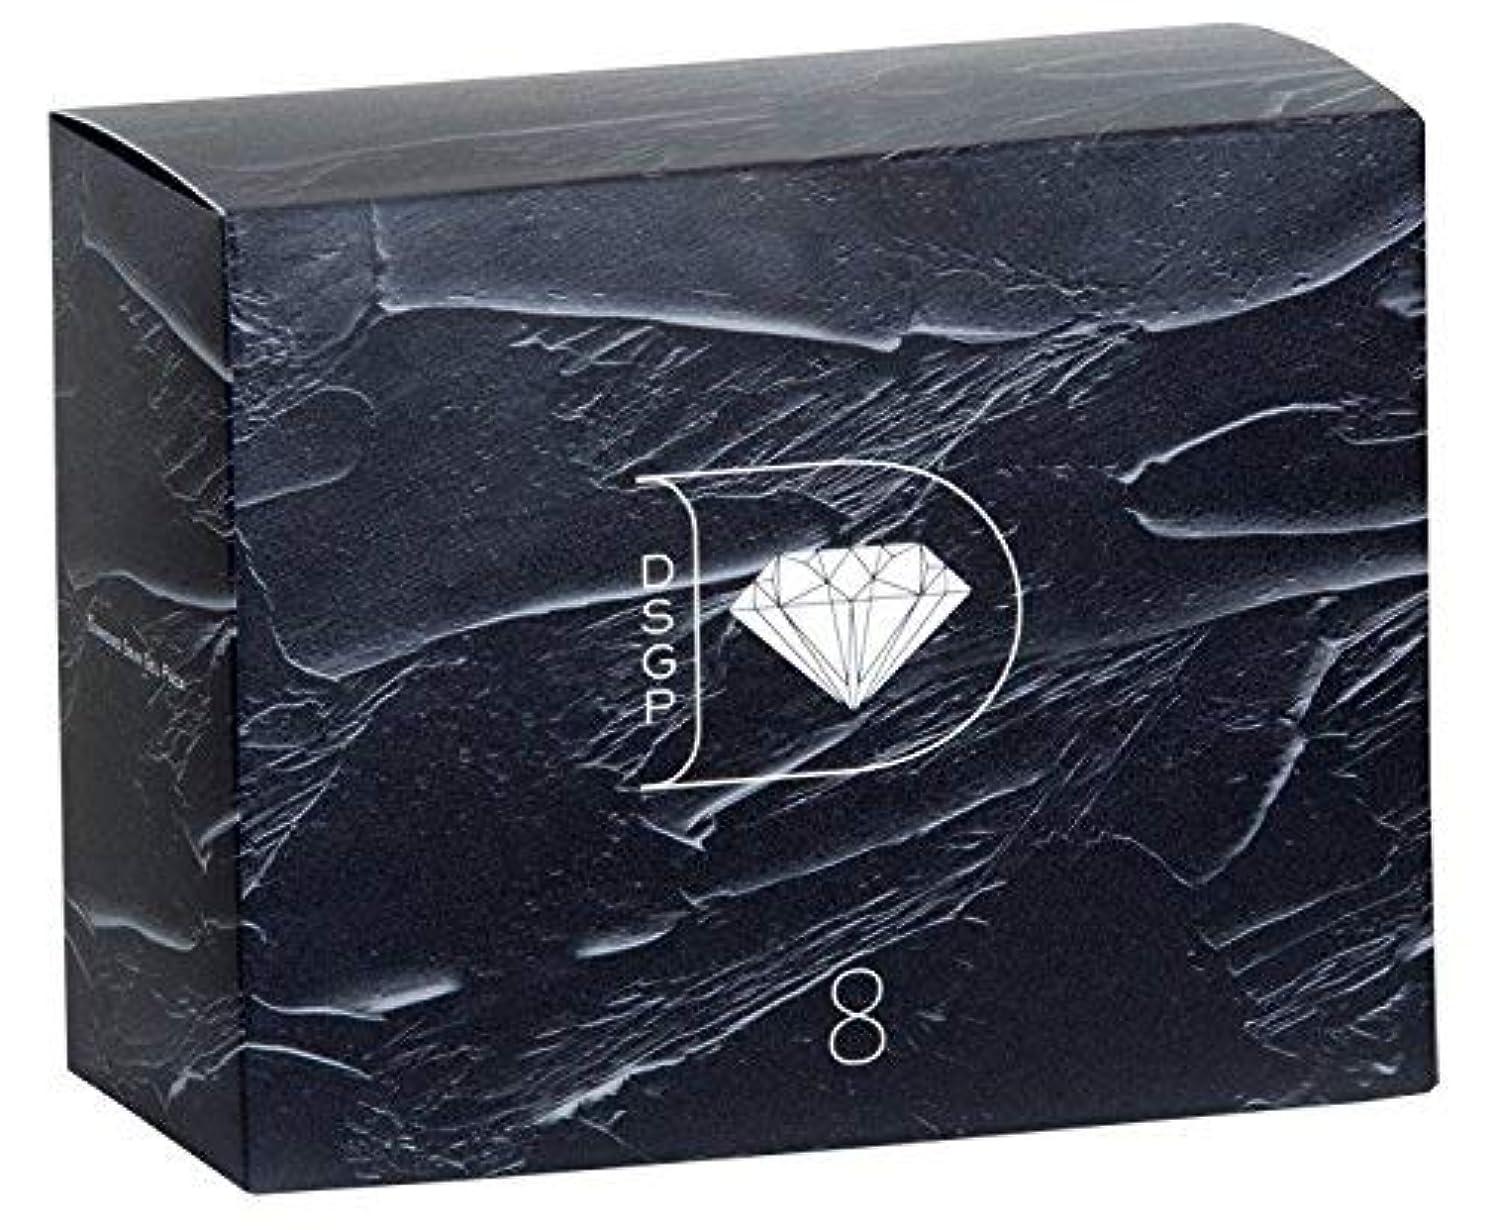 静けさ同等のバンクダイヤモンドスキンジェルパック×9箱 (1箱/8回分) 1回のパックで実感、もっちり肌。 琉球粘土×高濃度炭酸ガス フェイスパック